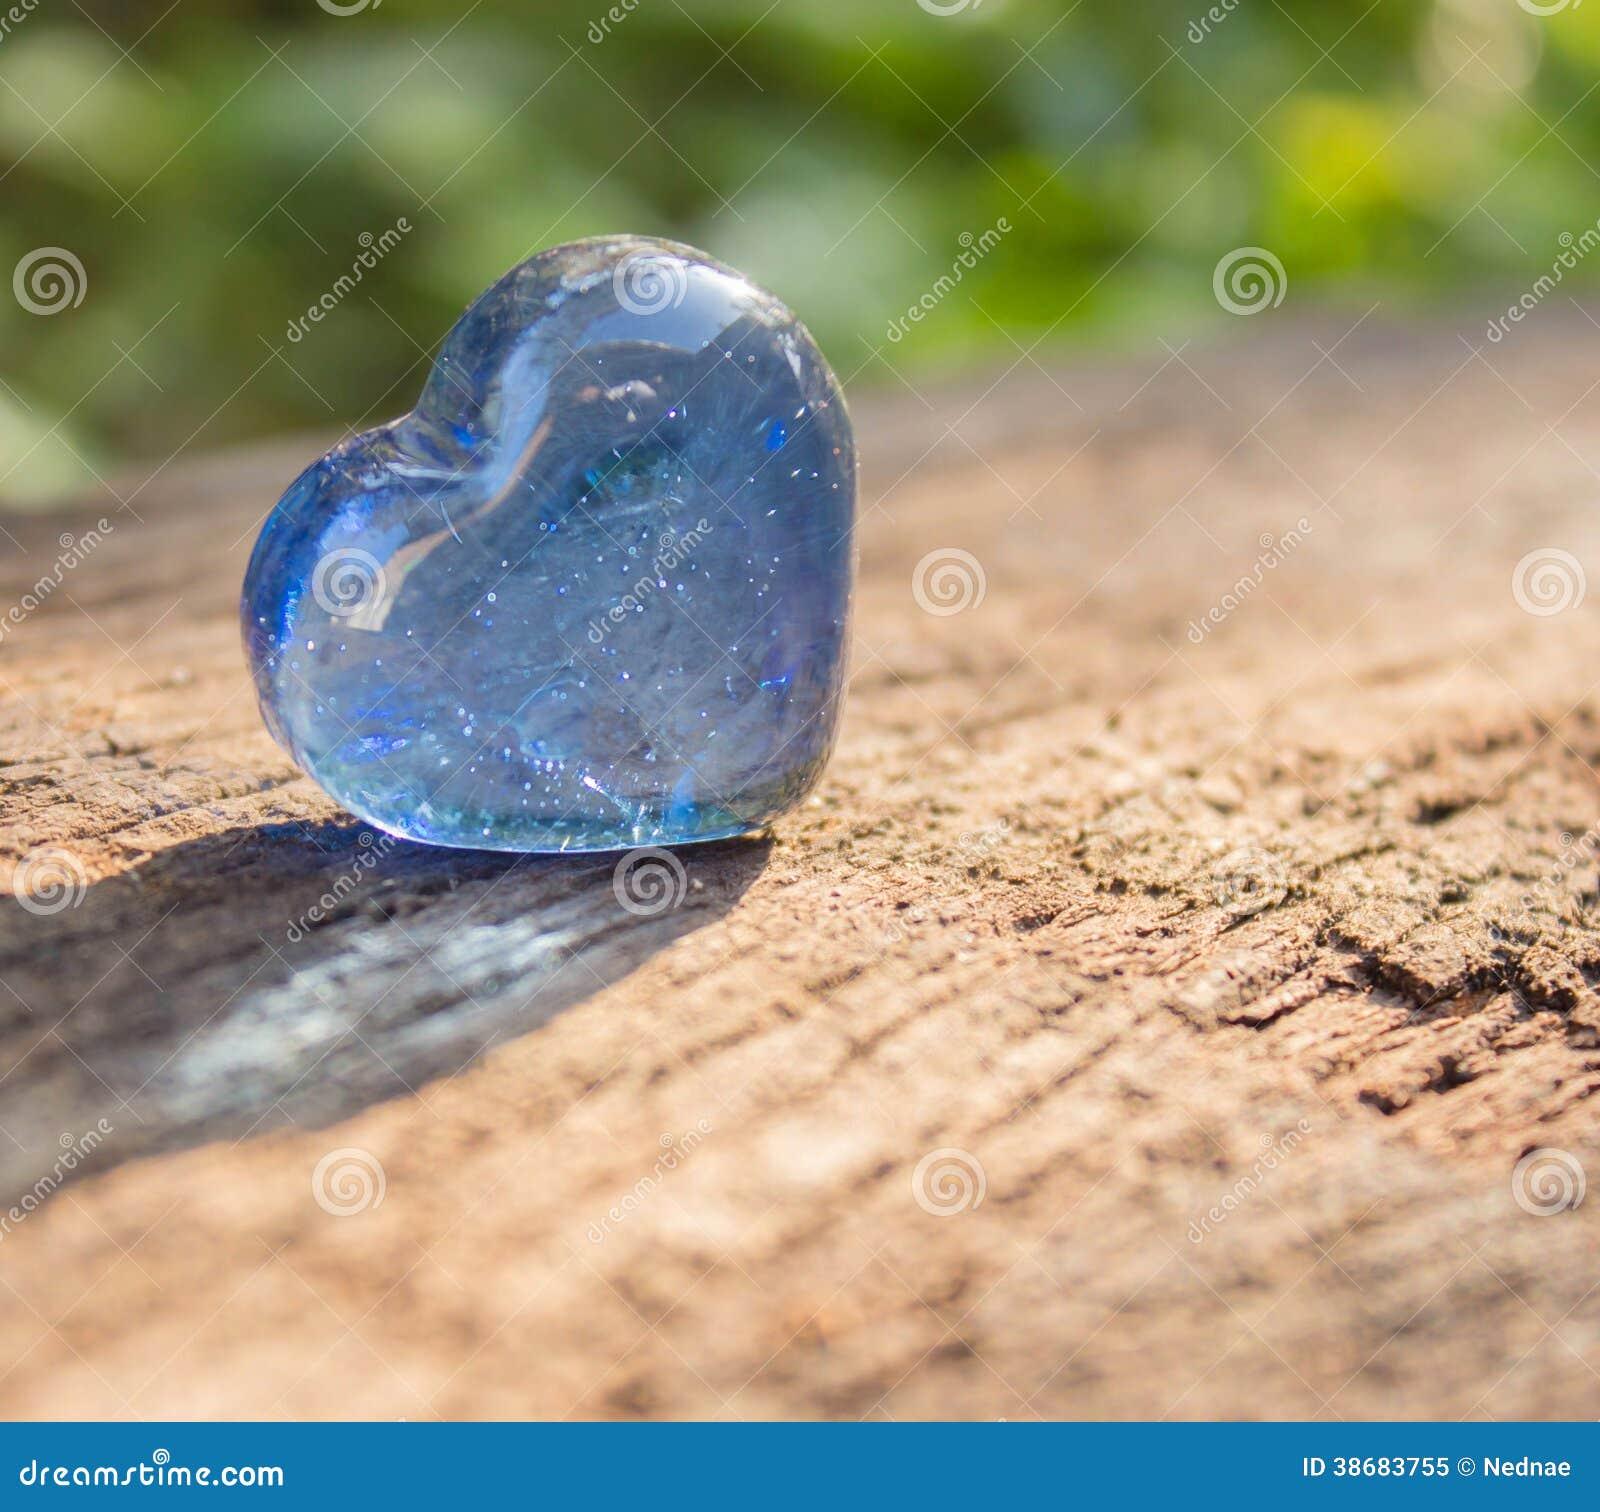 心形的蓝色水晶。